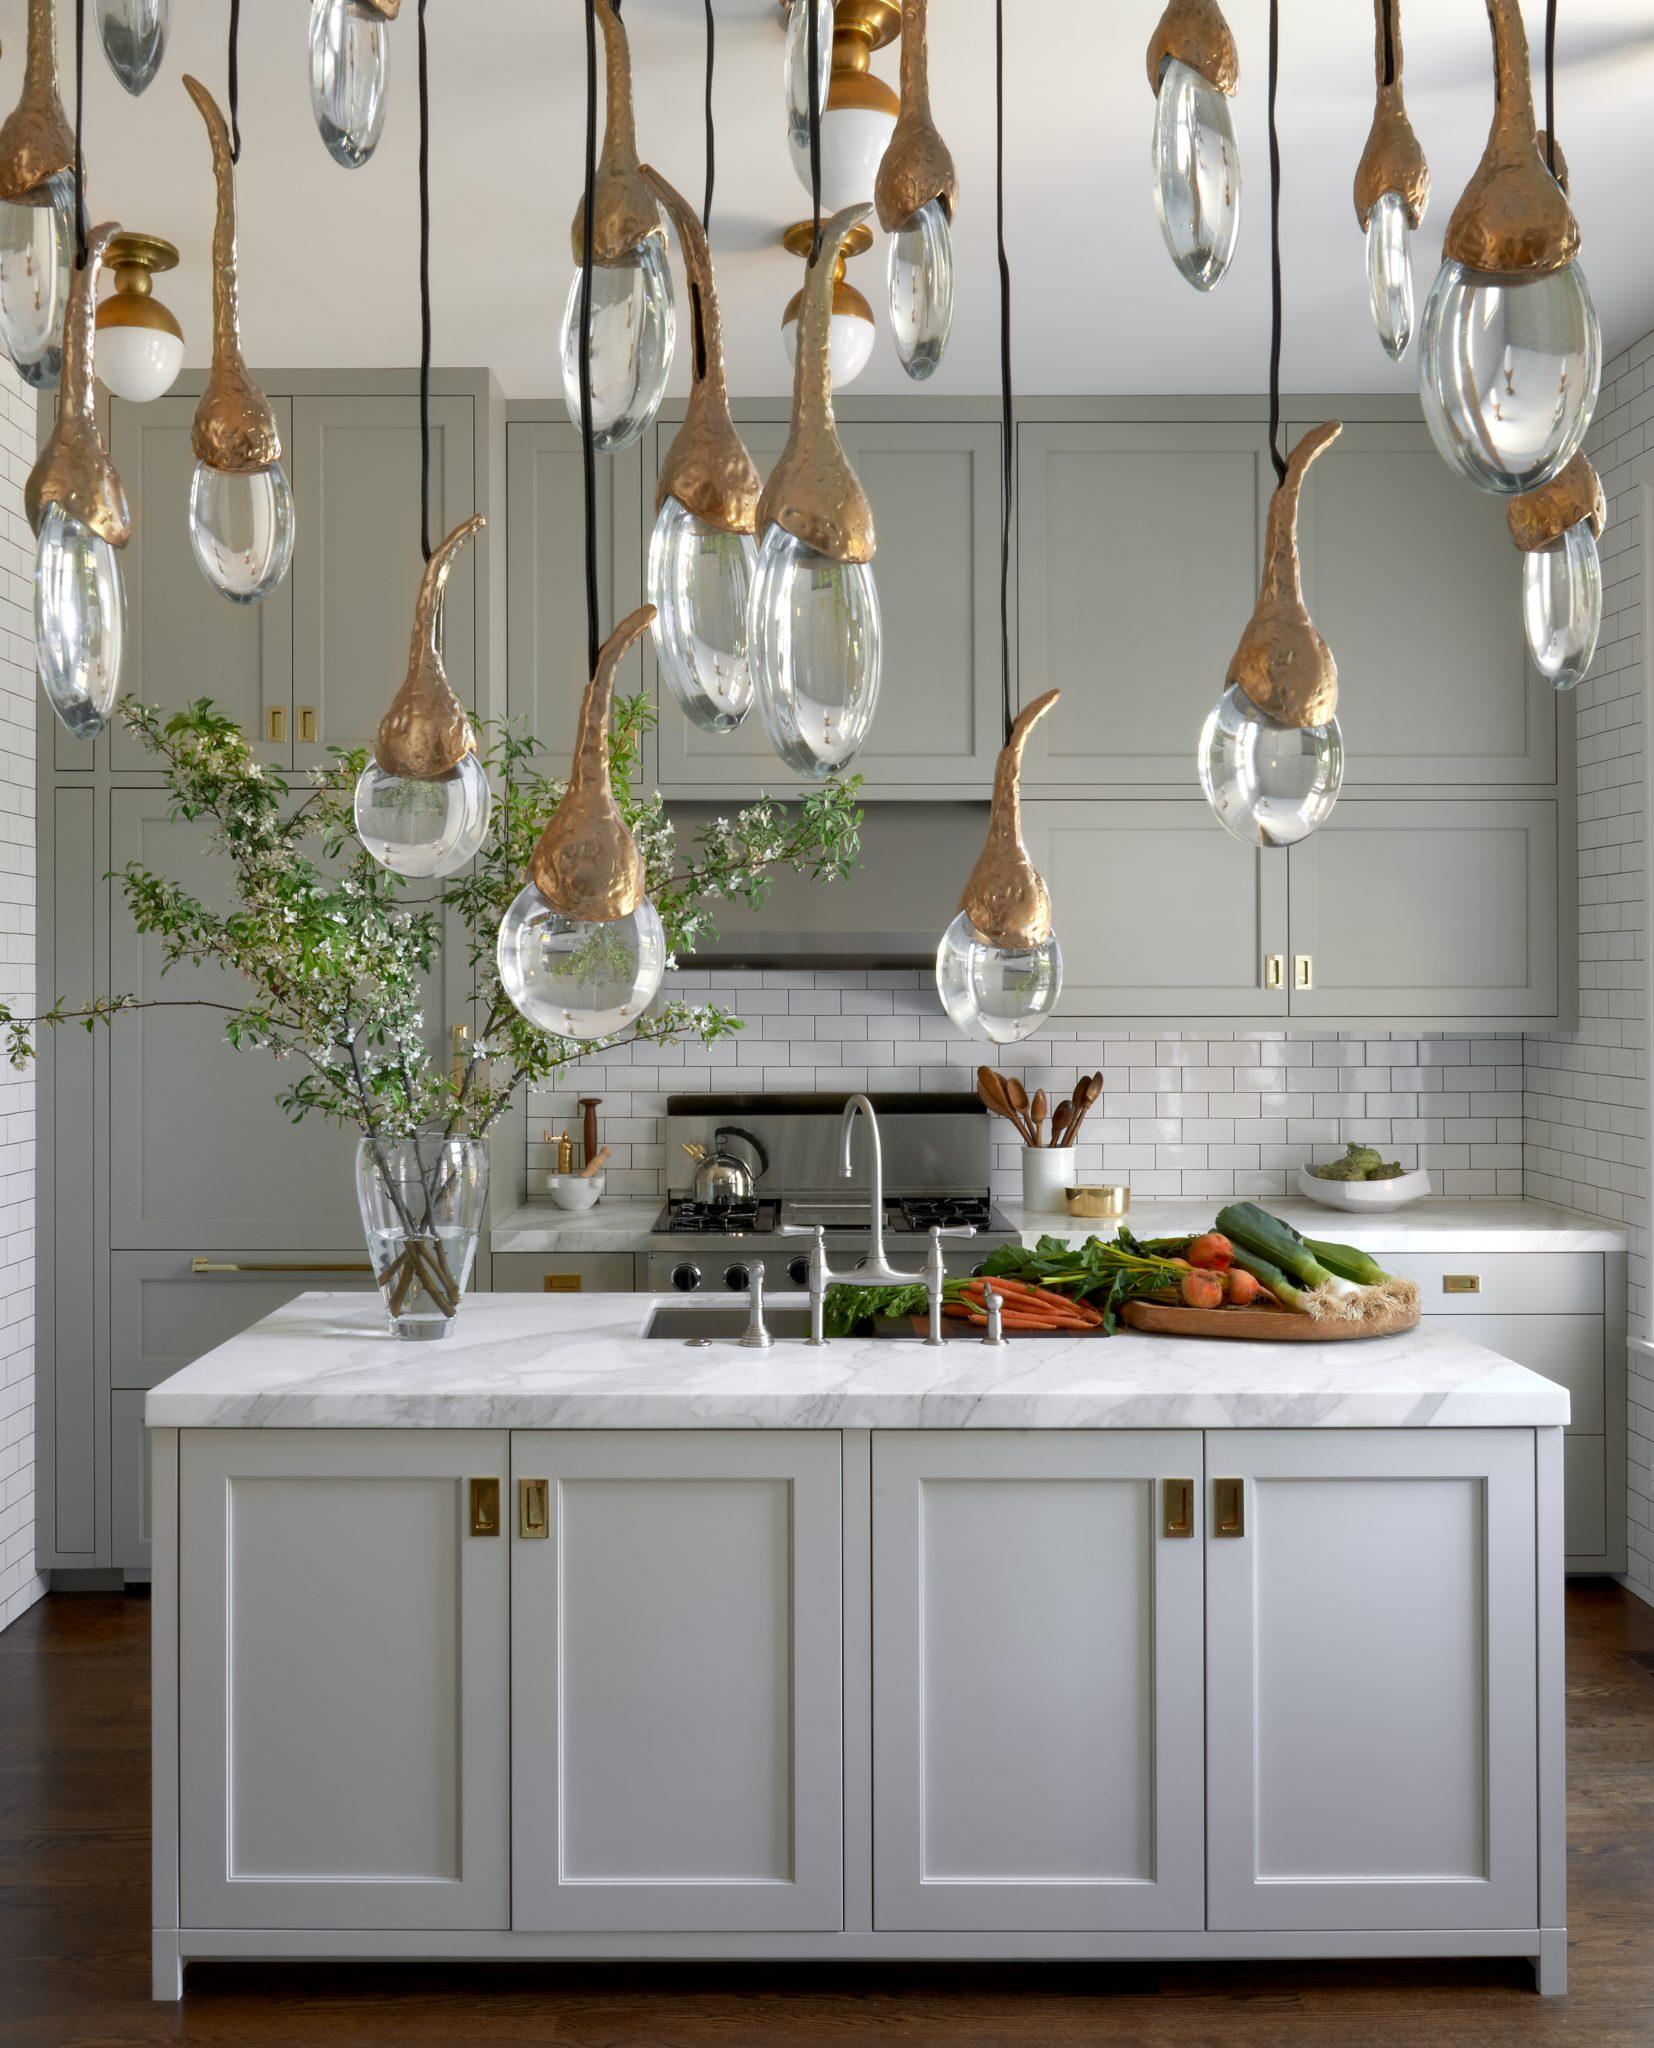 Chicago kitchen by Lisa Gutow Design